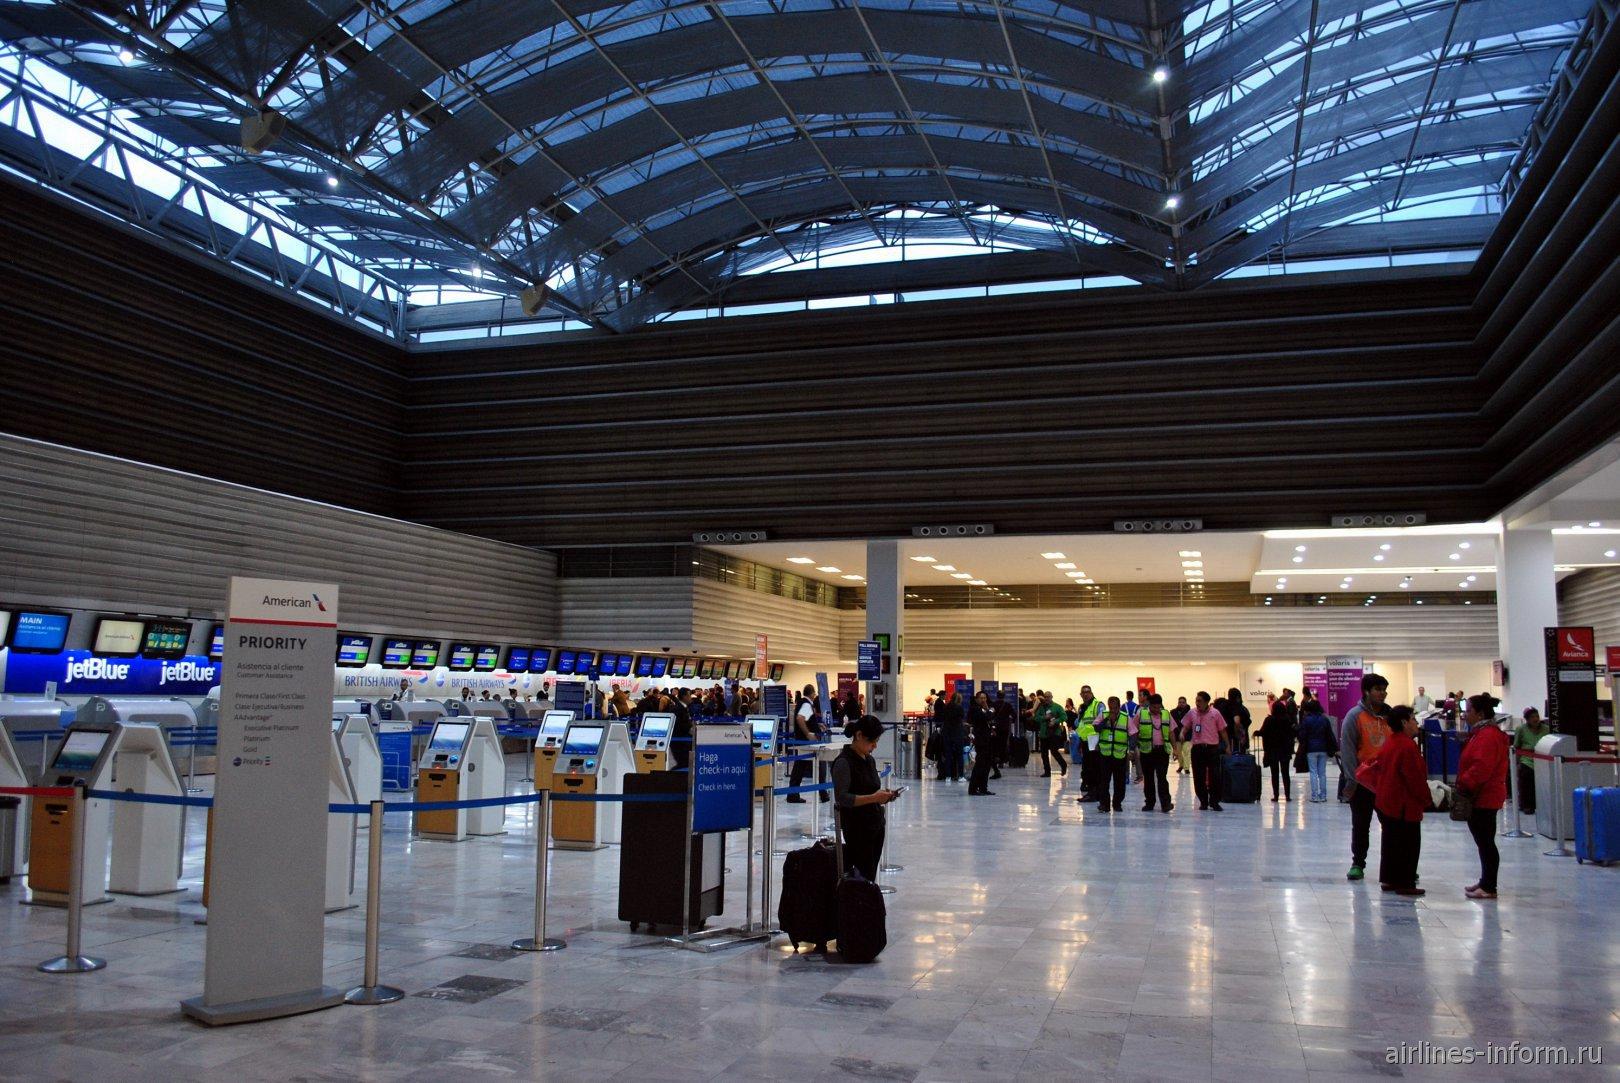 Зал F3 регистрации на рейсы Oneworld в терминале Т1 аэропорта Мехико Бенито Хуарес